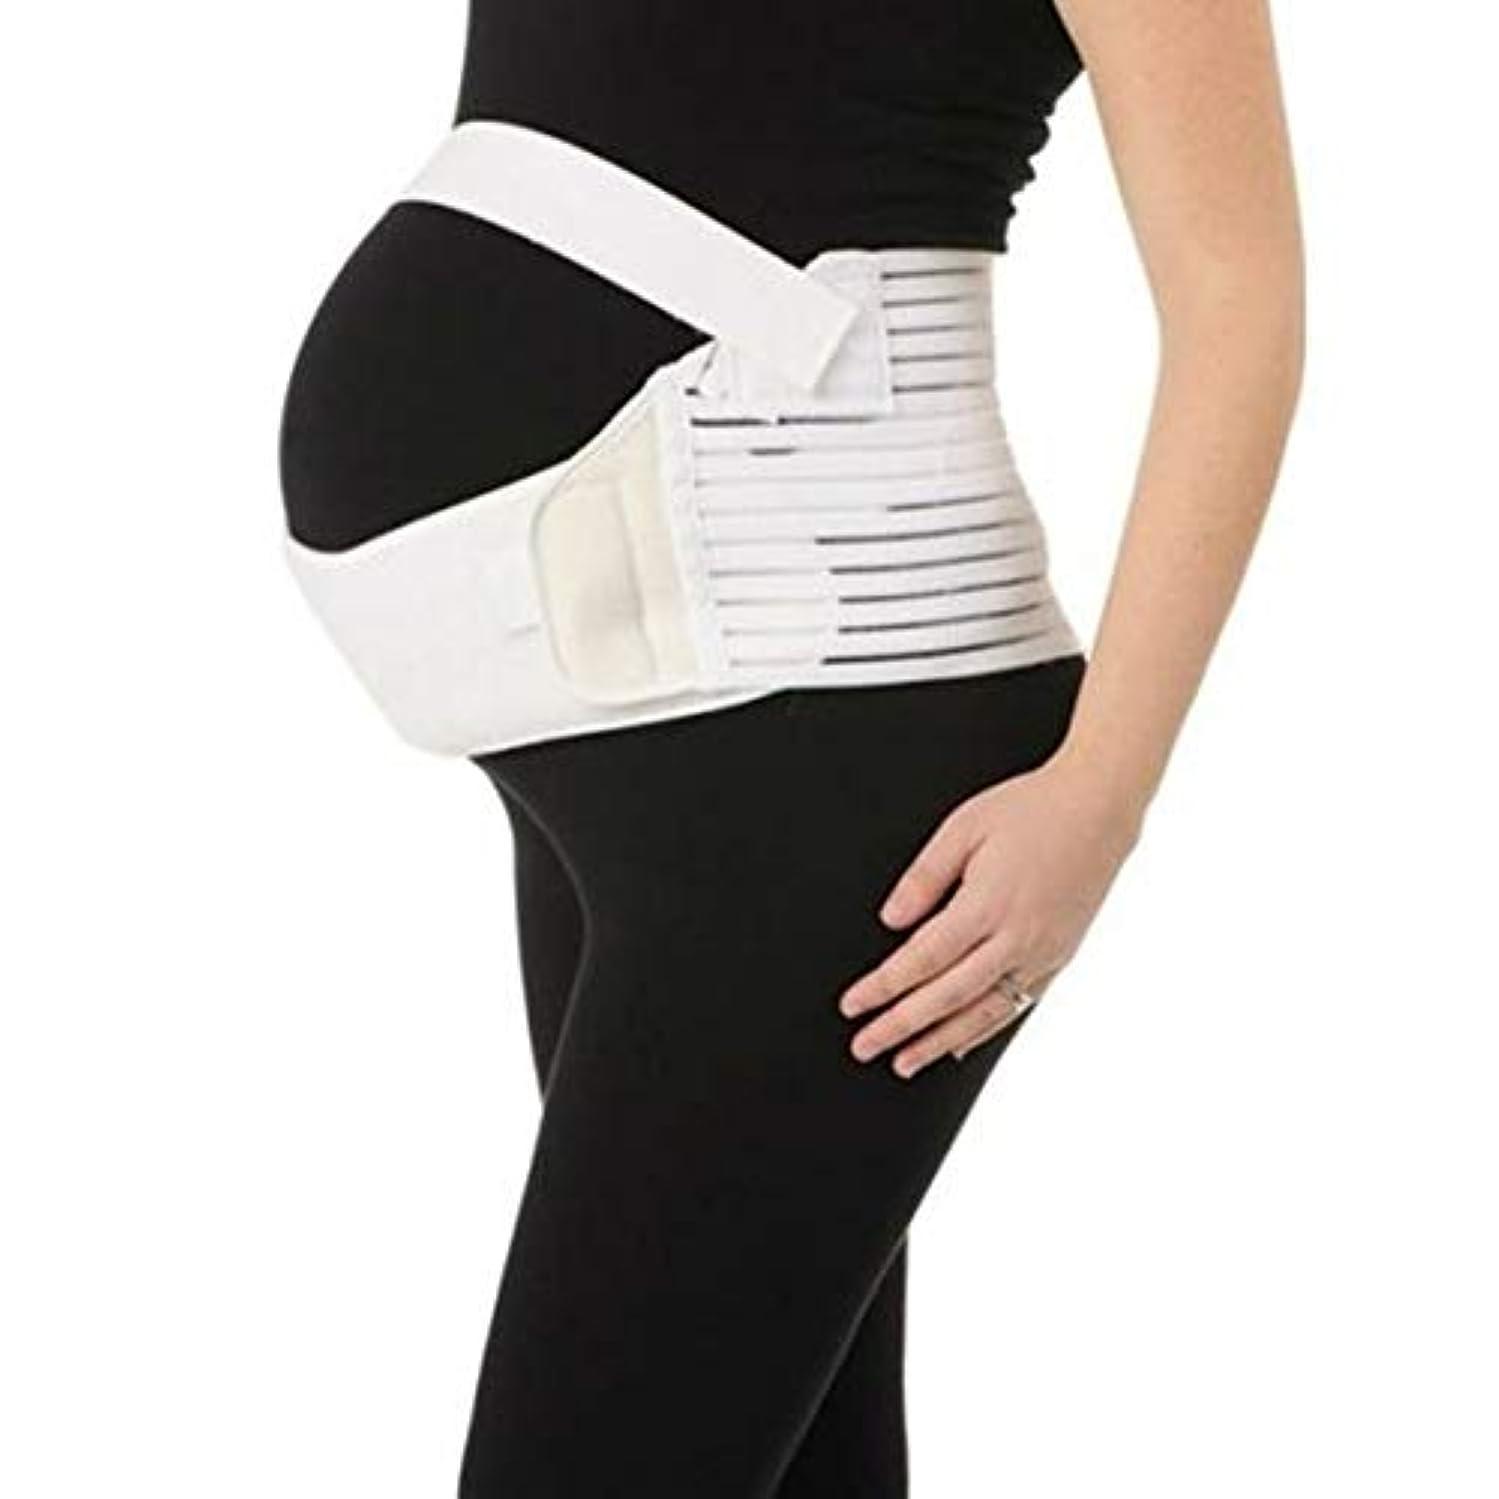 いろいろ緊急解釈通気性マタニティベルト妊娠腹部サポート腹部バインダーガードル運動包帯産後回復形状ウェア - ホワイトXL